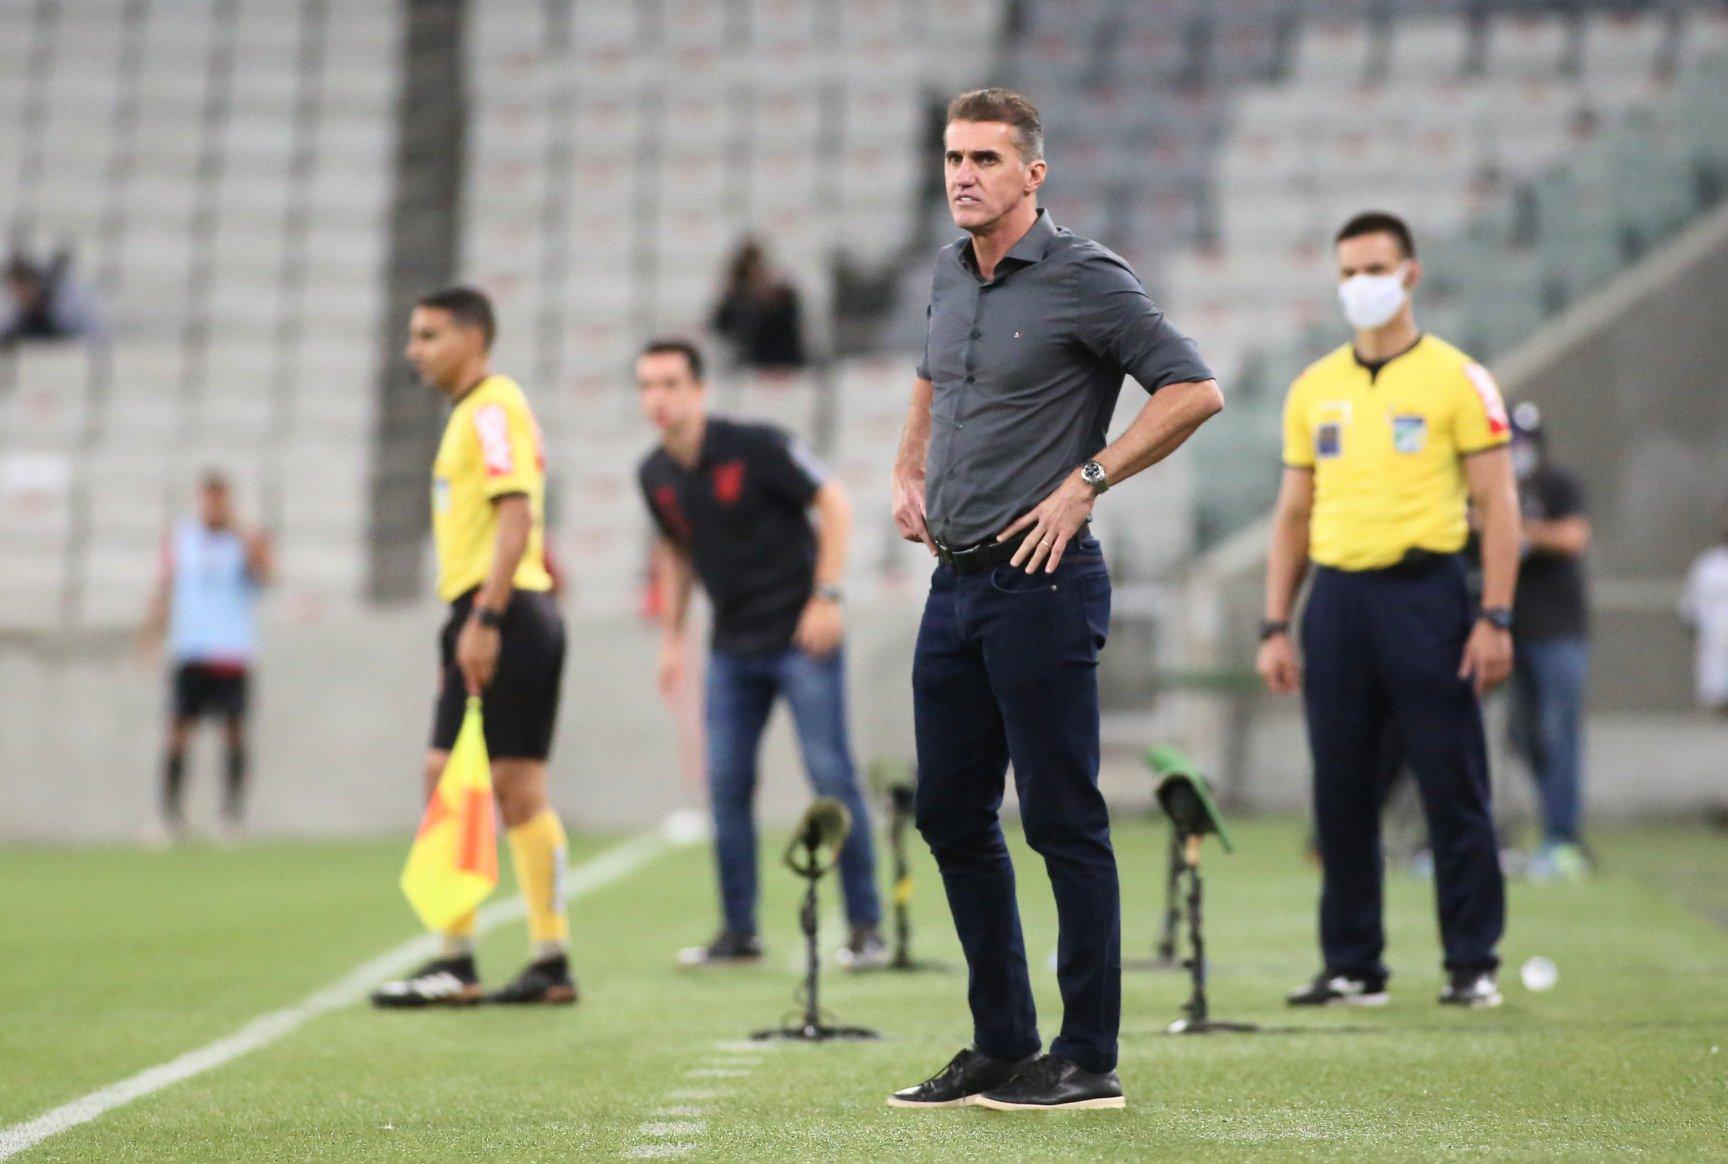 Escalação do Timão: com estreia e zaga decidida, veja o time que Mancini deve utilizar contra o Vasco